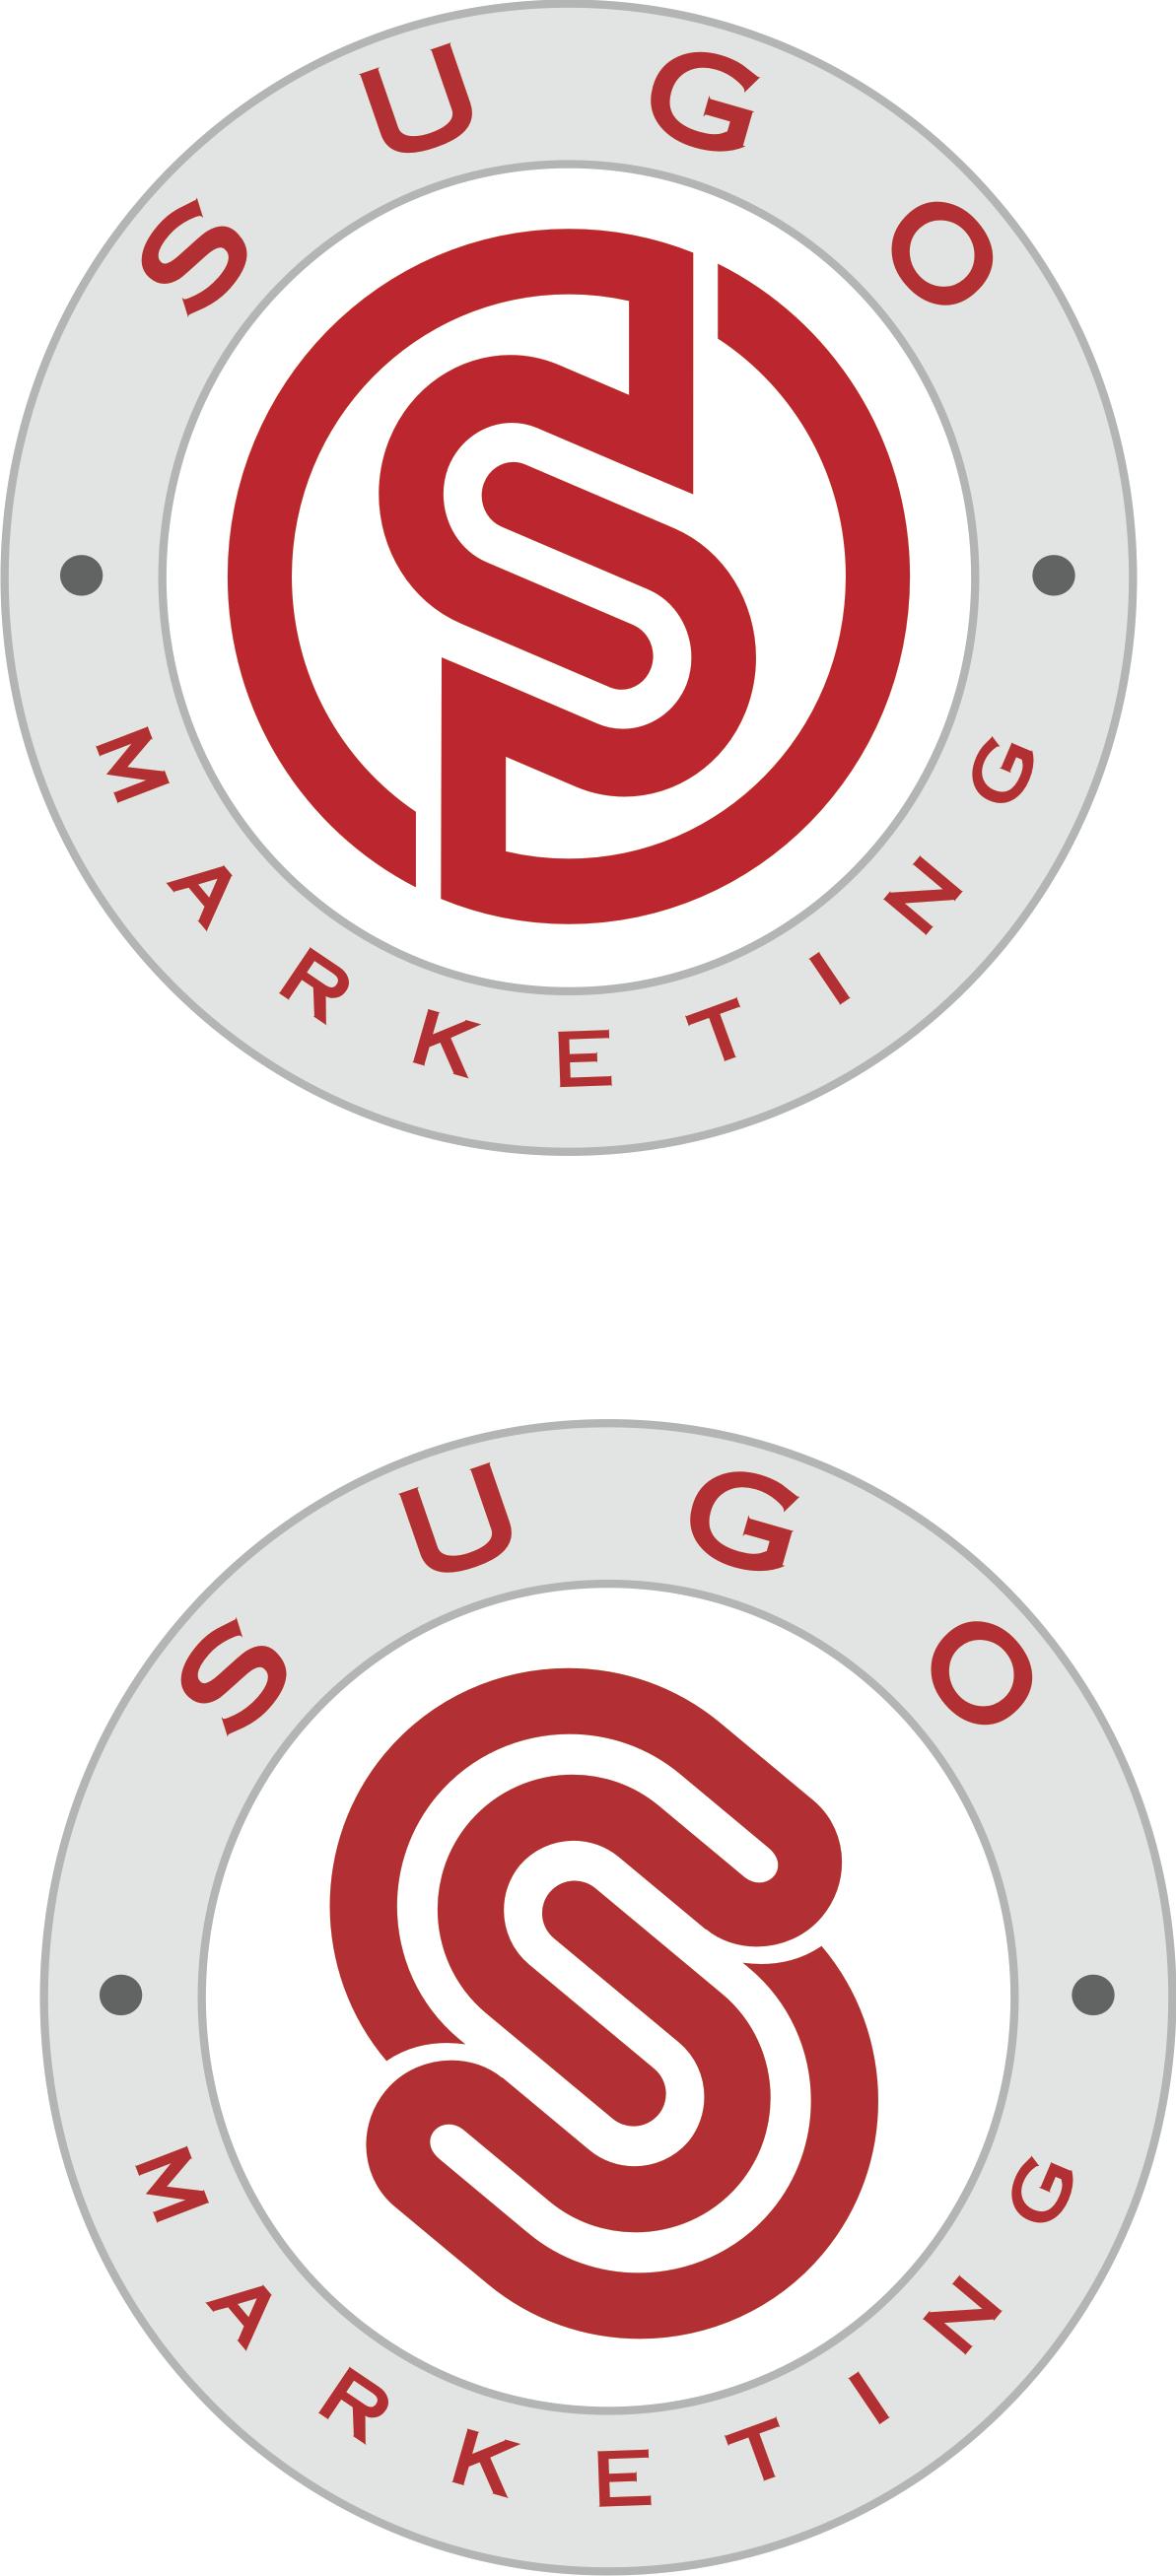 Need a logo for www.chefboxx.com